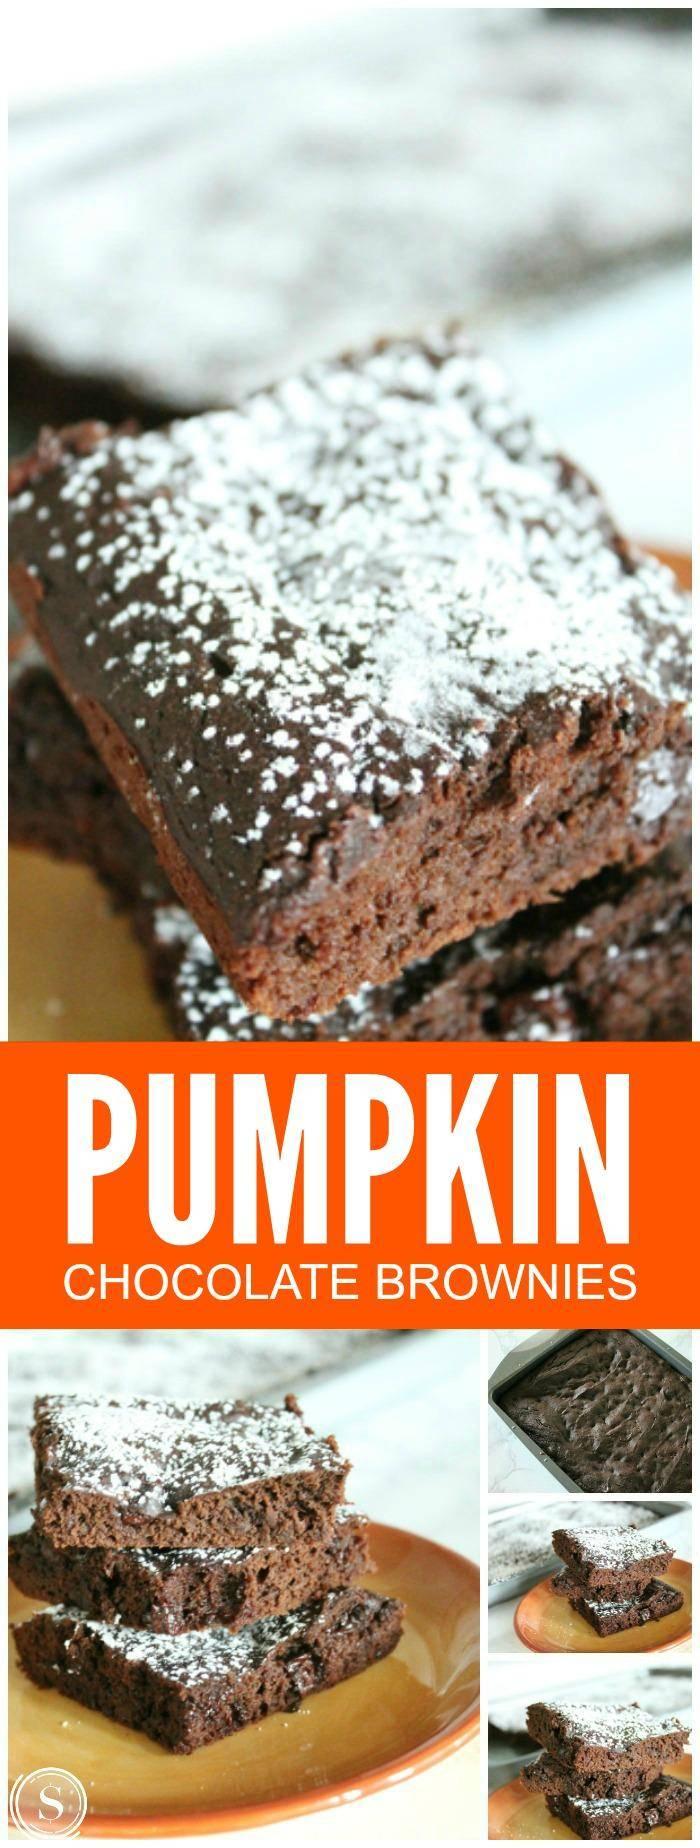 Pumpkin Chocolate Brownies